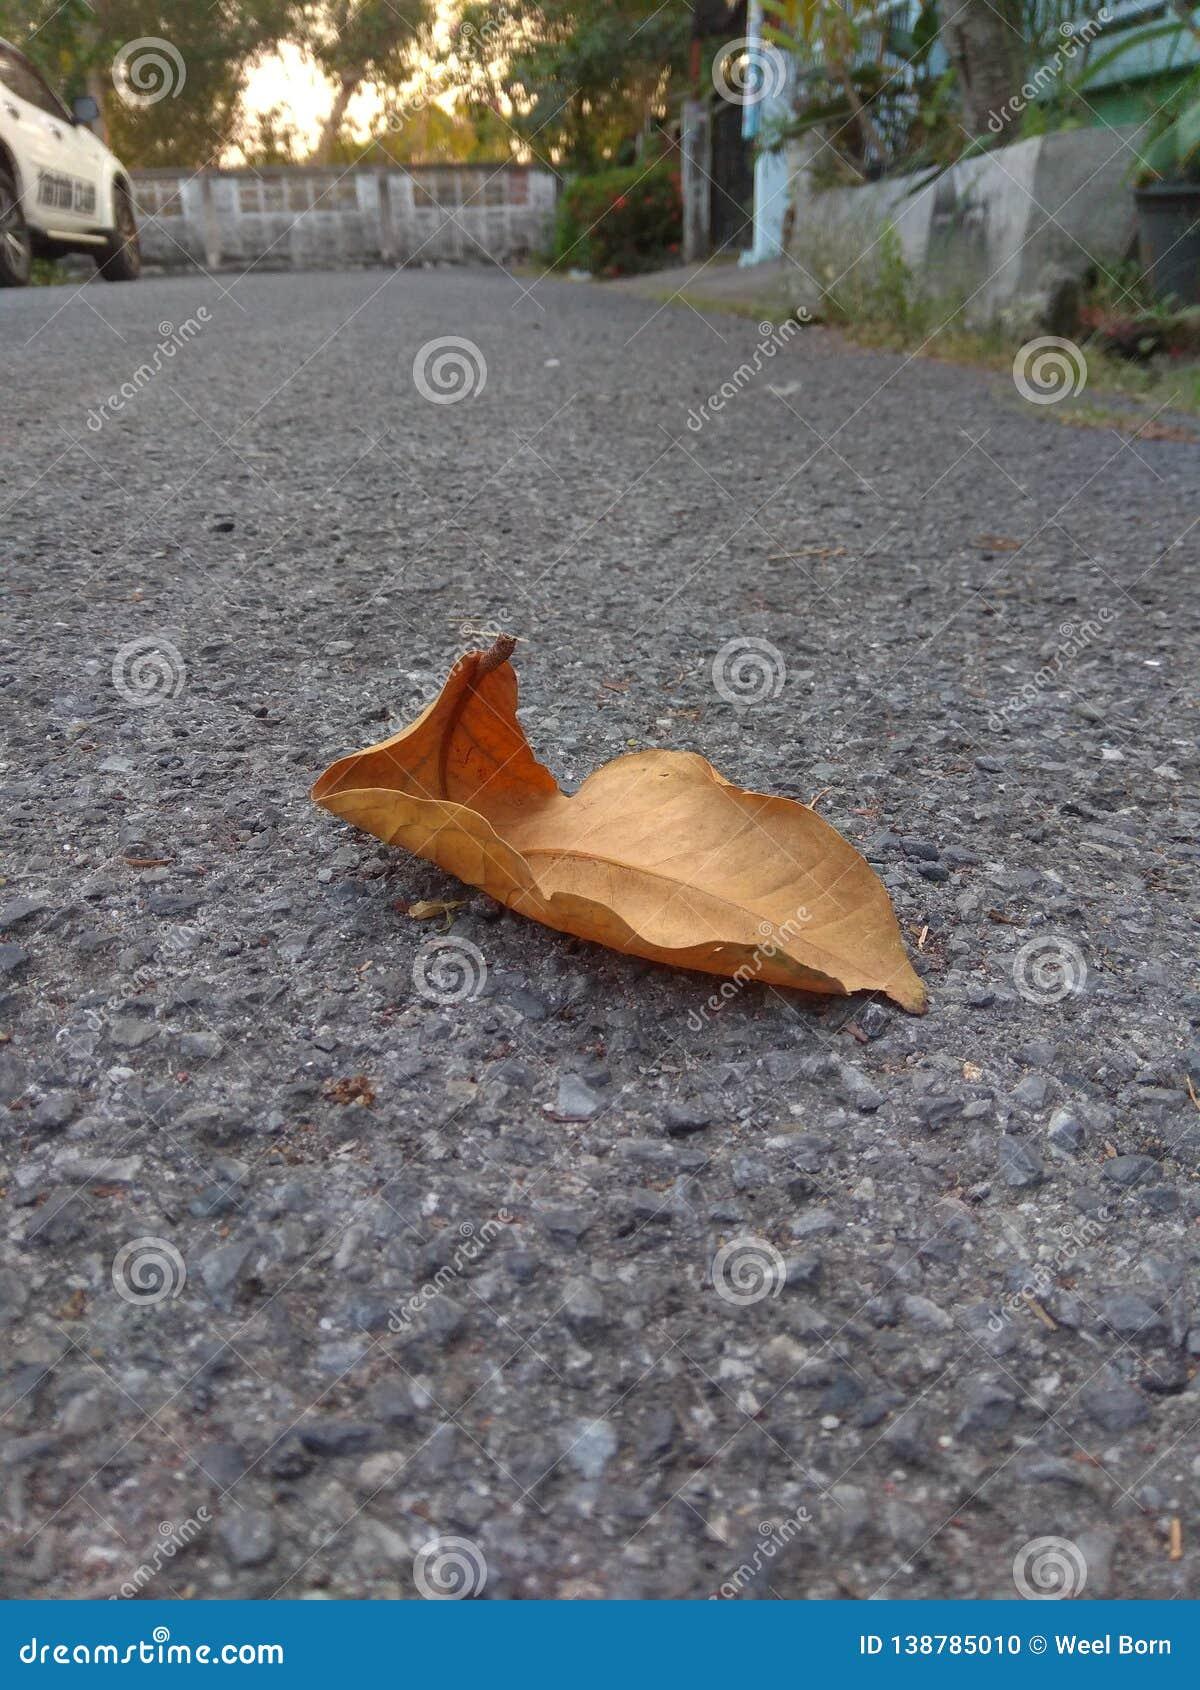 Una foglia asciutta caduta sul pavimento della strada cementata